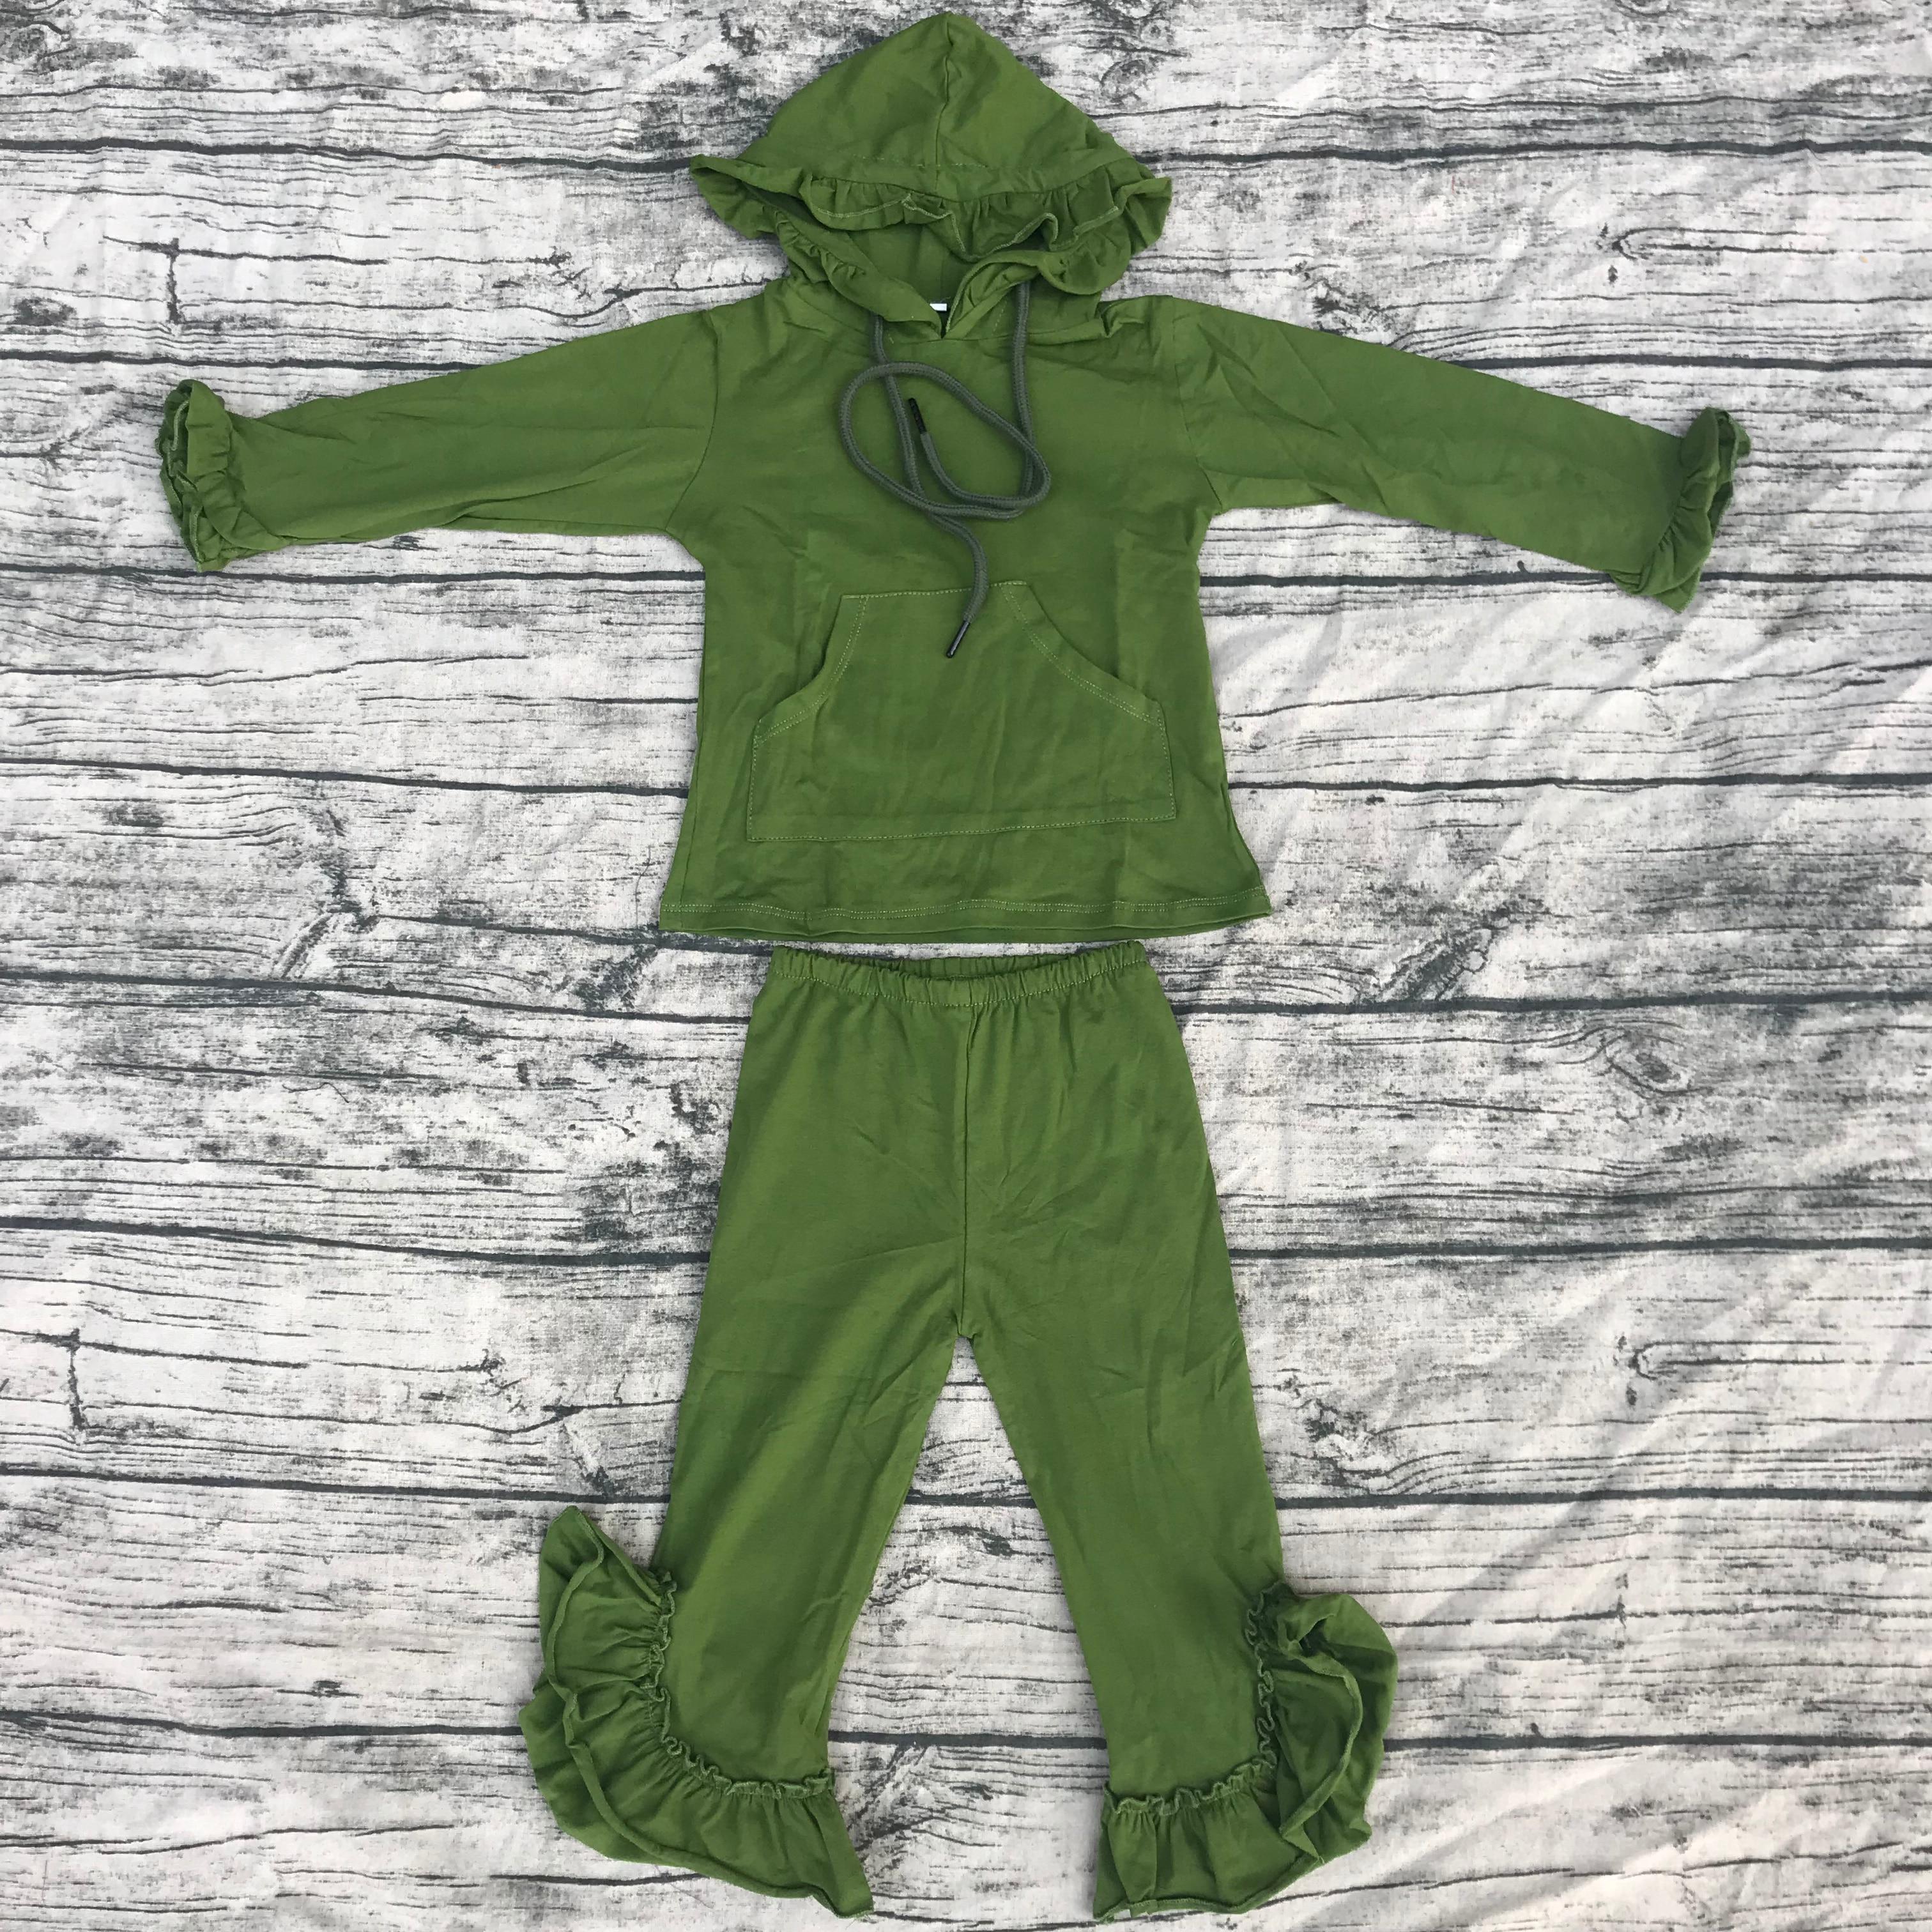 بدلة شتوية قطنية للفتيات, أحدث ملابس شتوية للأطفال مع كشكش وجيب برباط لون أخضر